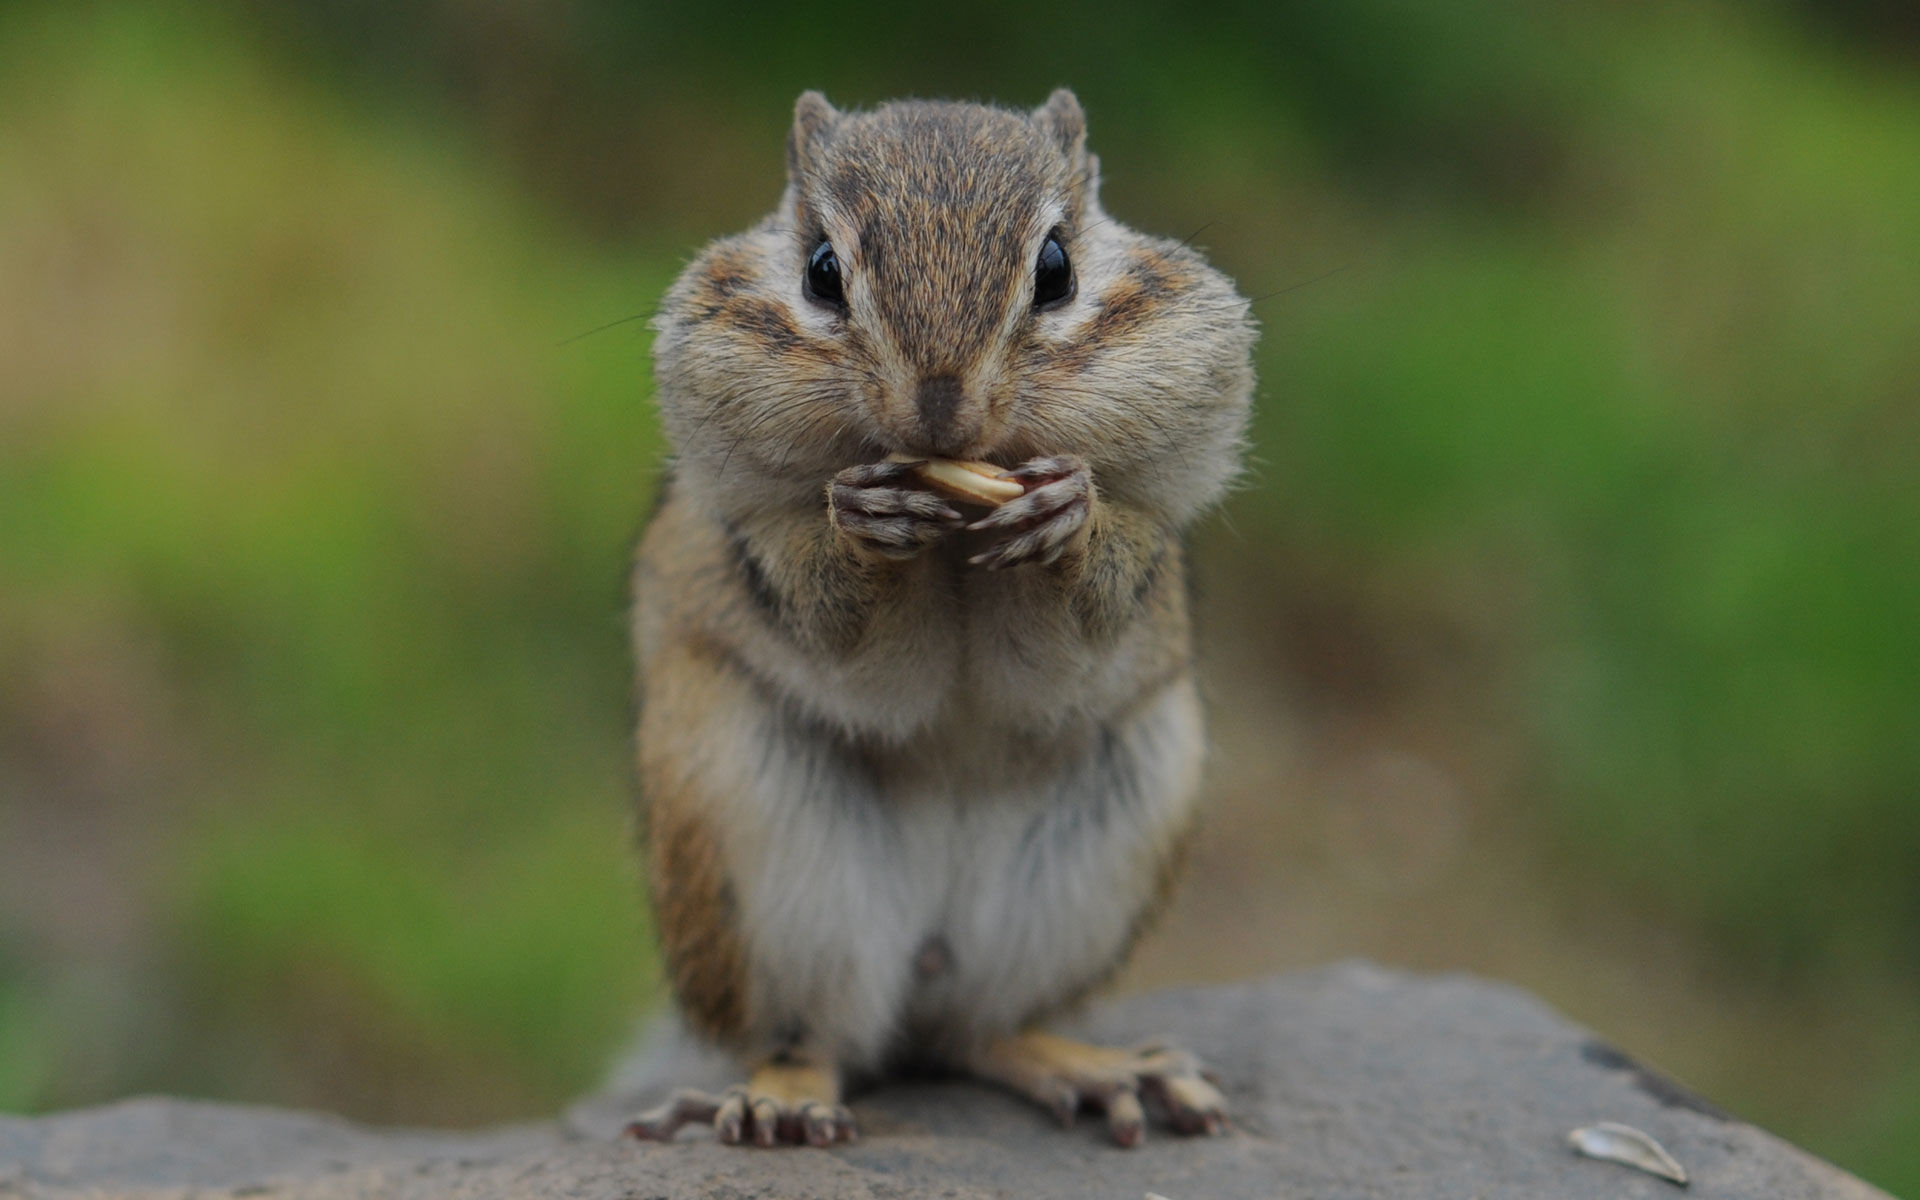 Eating chipmunk photo